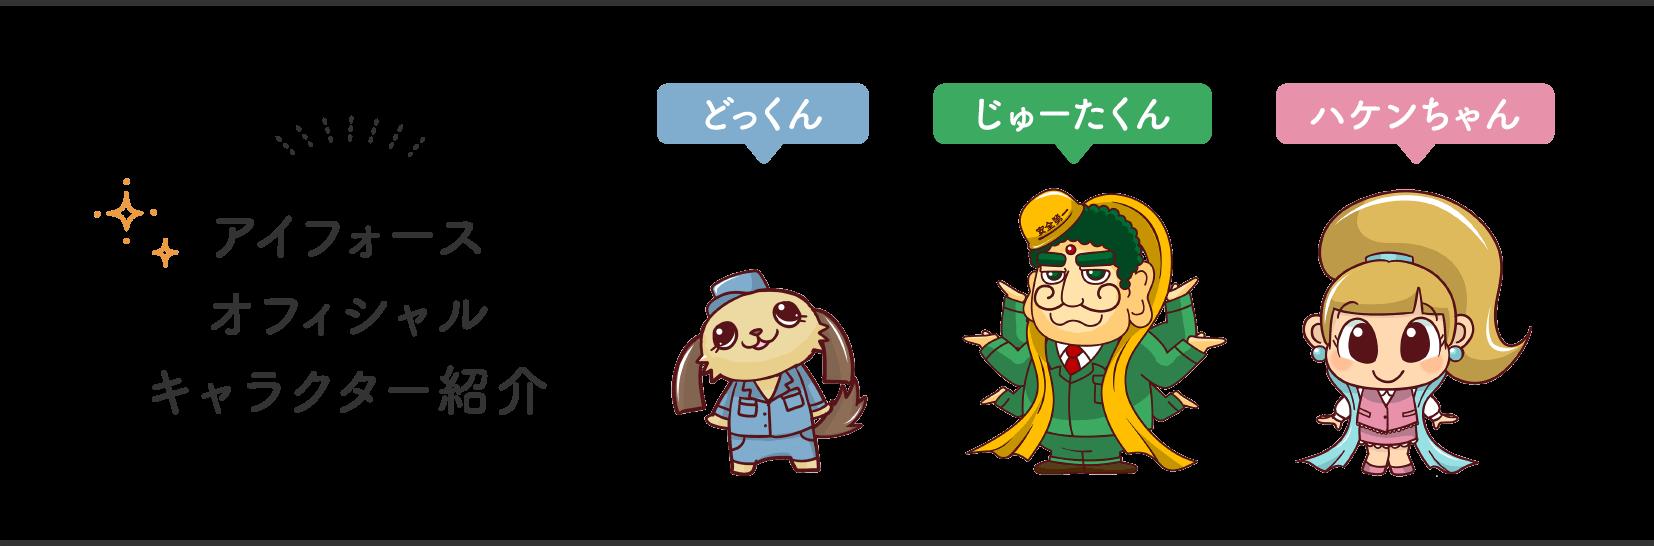 アイフォースオフィシャルキャラクター紹介 / どっくん・じゅーたくん・ハケンちゃん